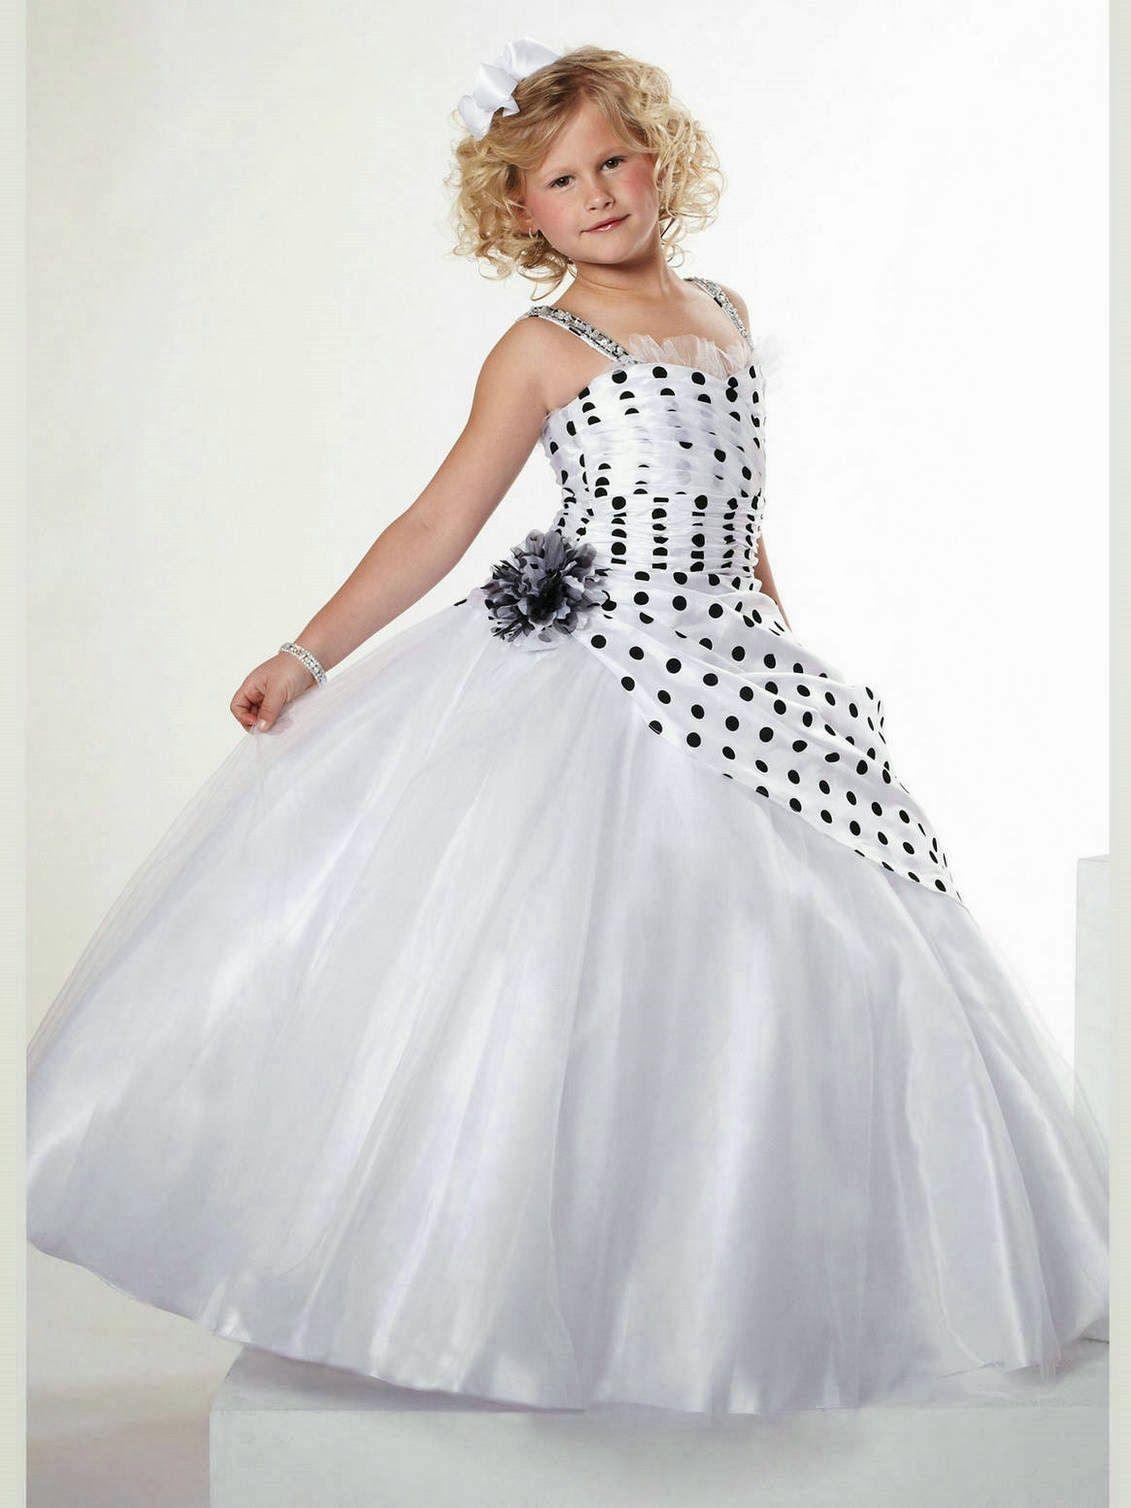 Modelos de vestidos de nina de noche